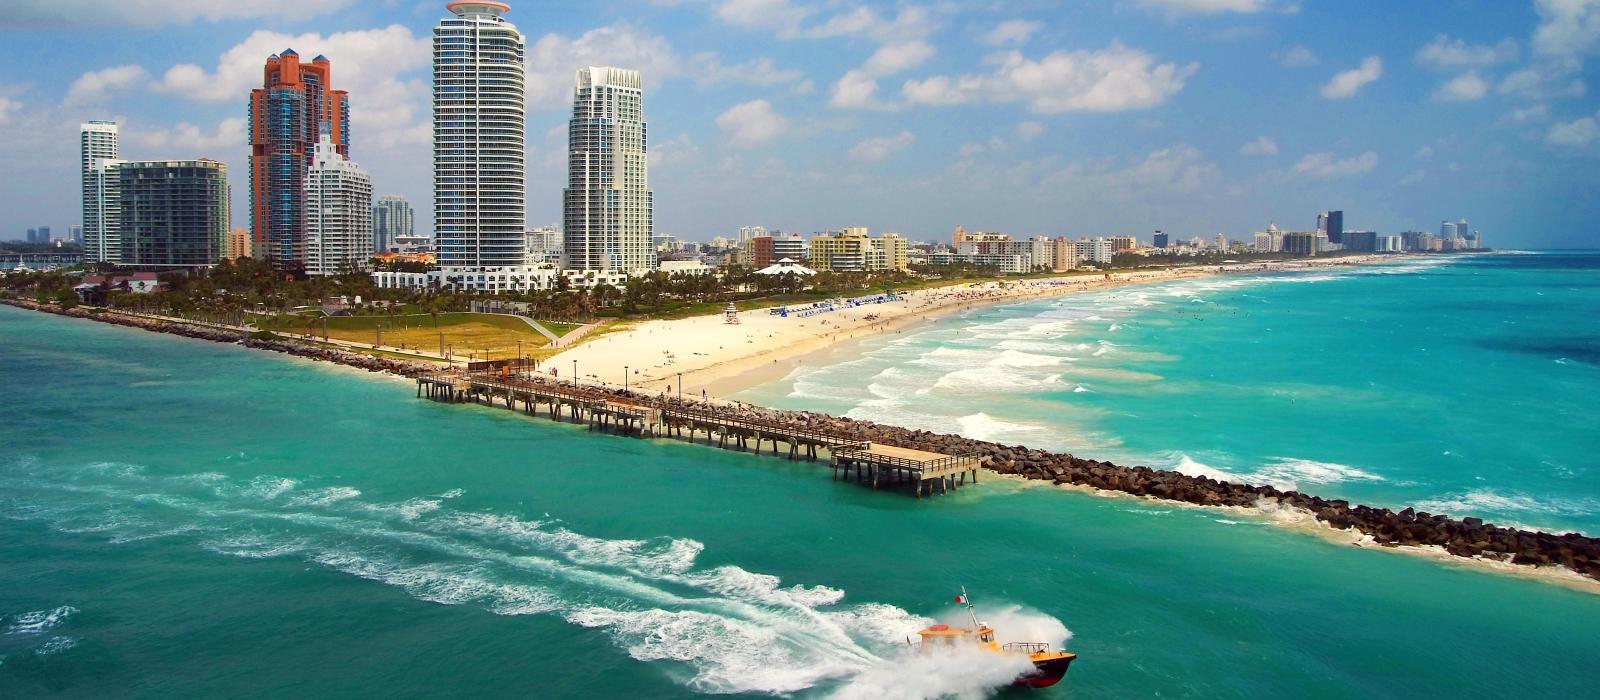 Miami Beach es uno de los lugares turísticos de Florida